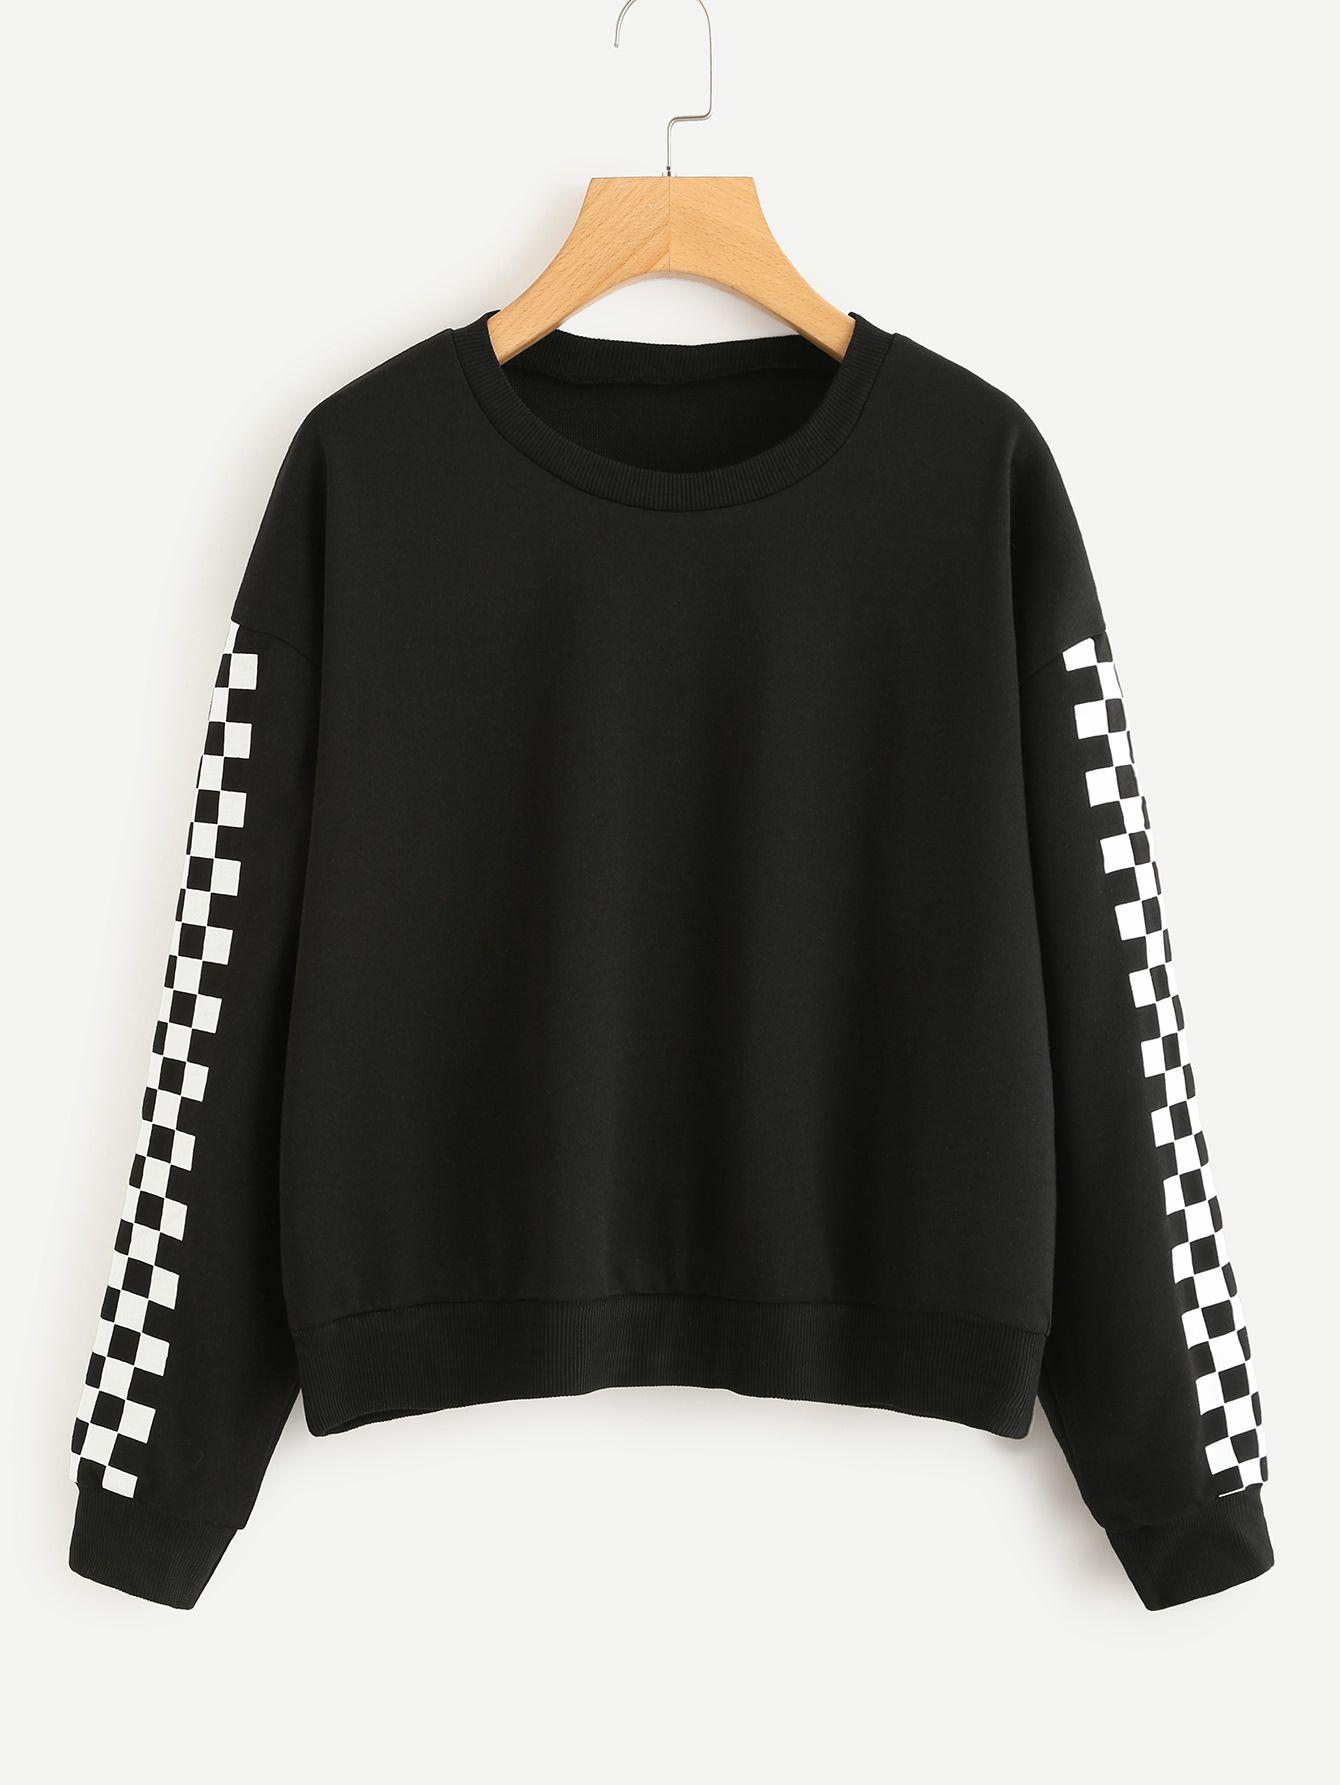 fd9b4b5dbb965 Contrast Checked Sleeve SweatshirtFor Women-romwe